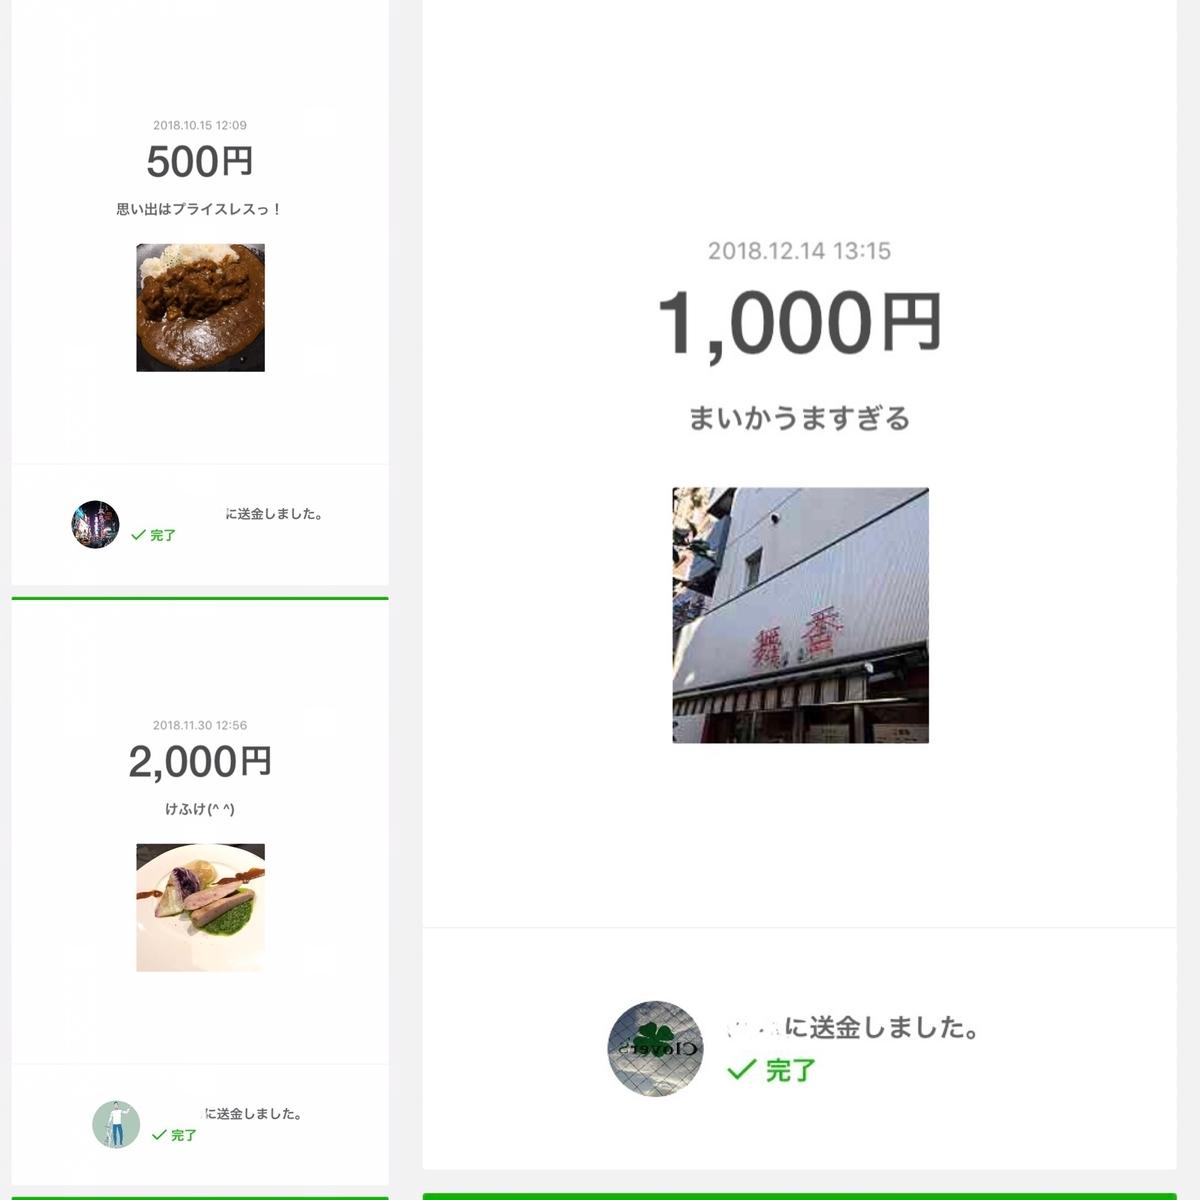 f:id:tomomikawakami:20190403234714j:plain